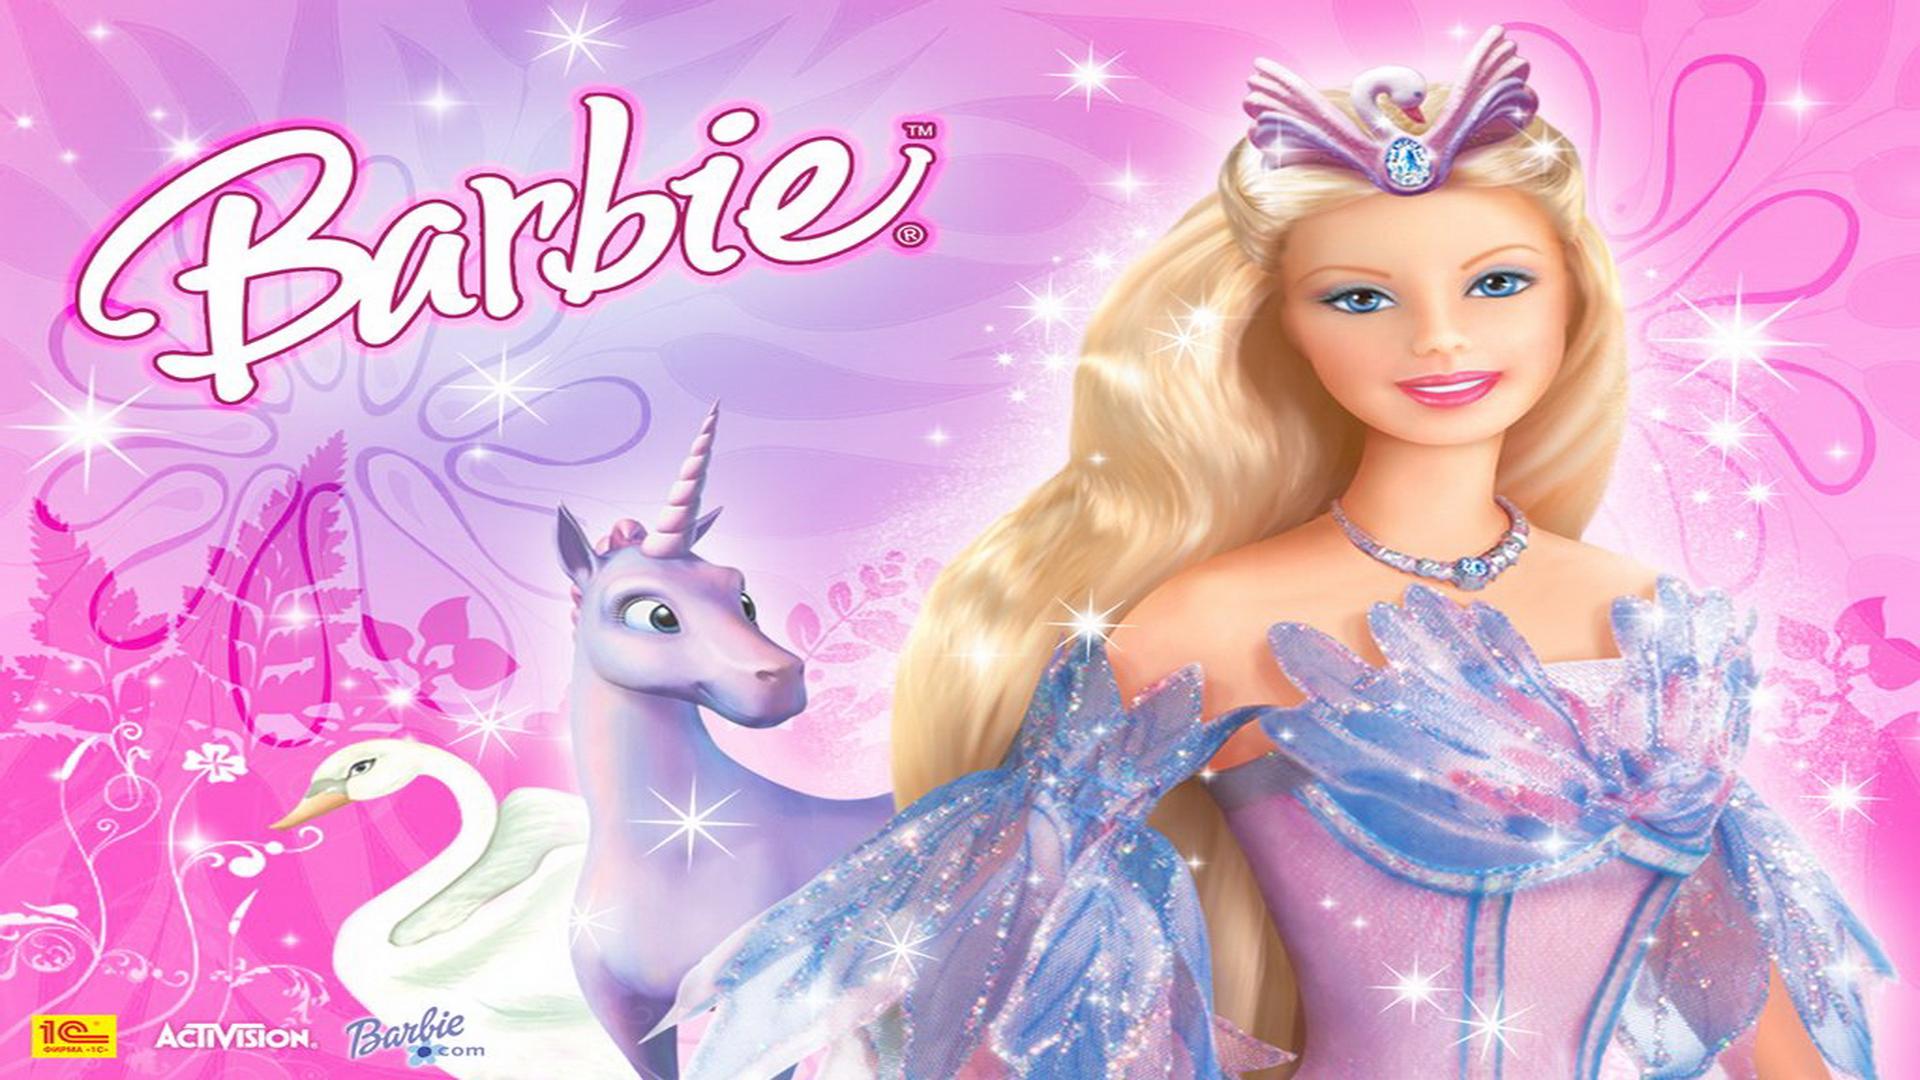 HD Barbie Wallpaper